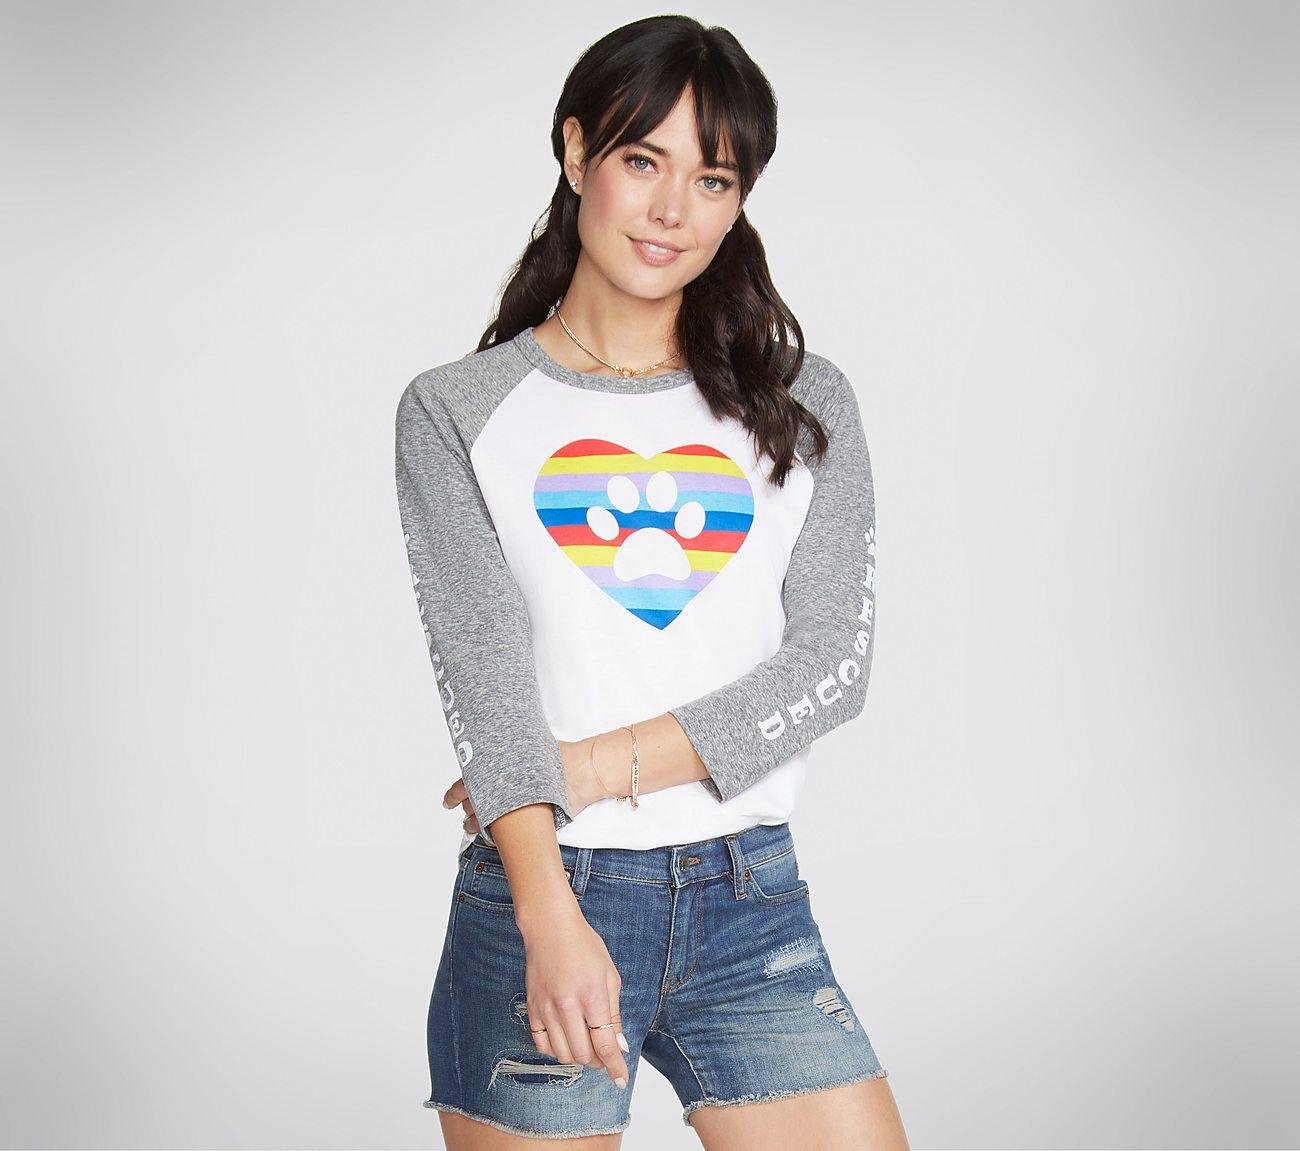 BOBS Rainbow Heart Baseball Tee Shirt